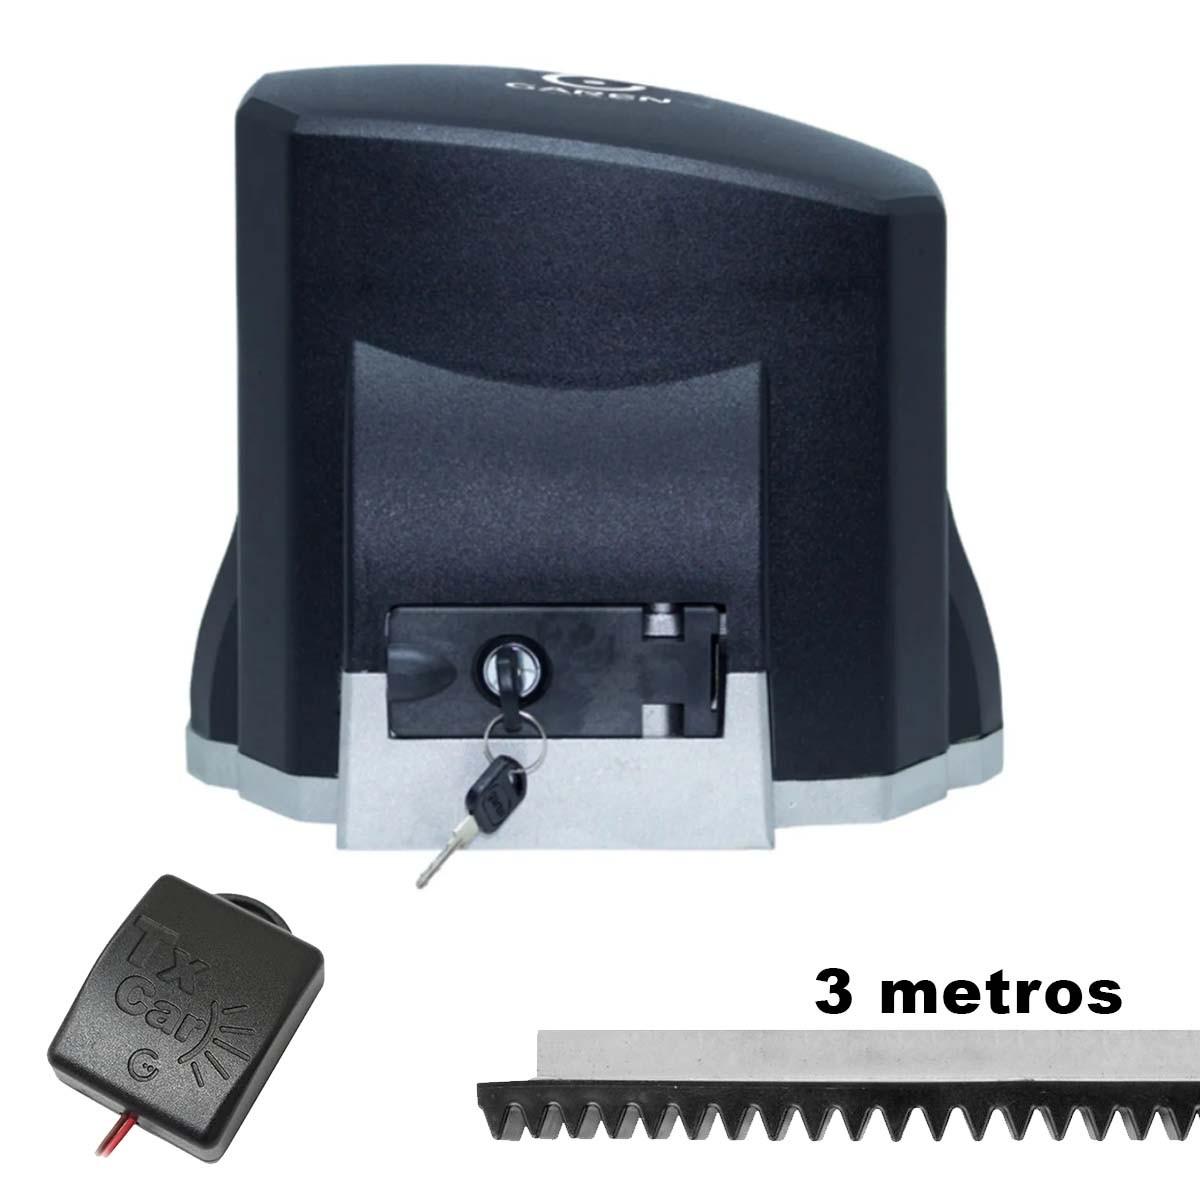 MOTOR DESLIZANTE GAREN 1/3 SPEED 110V + 3 METROS CREMALHEIRA + 01 TX CAR